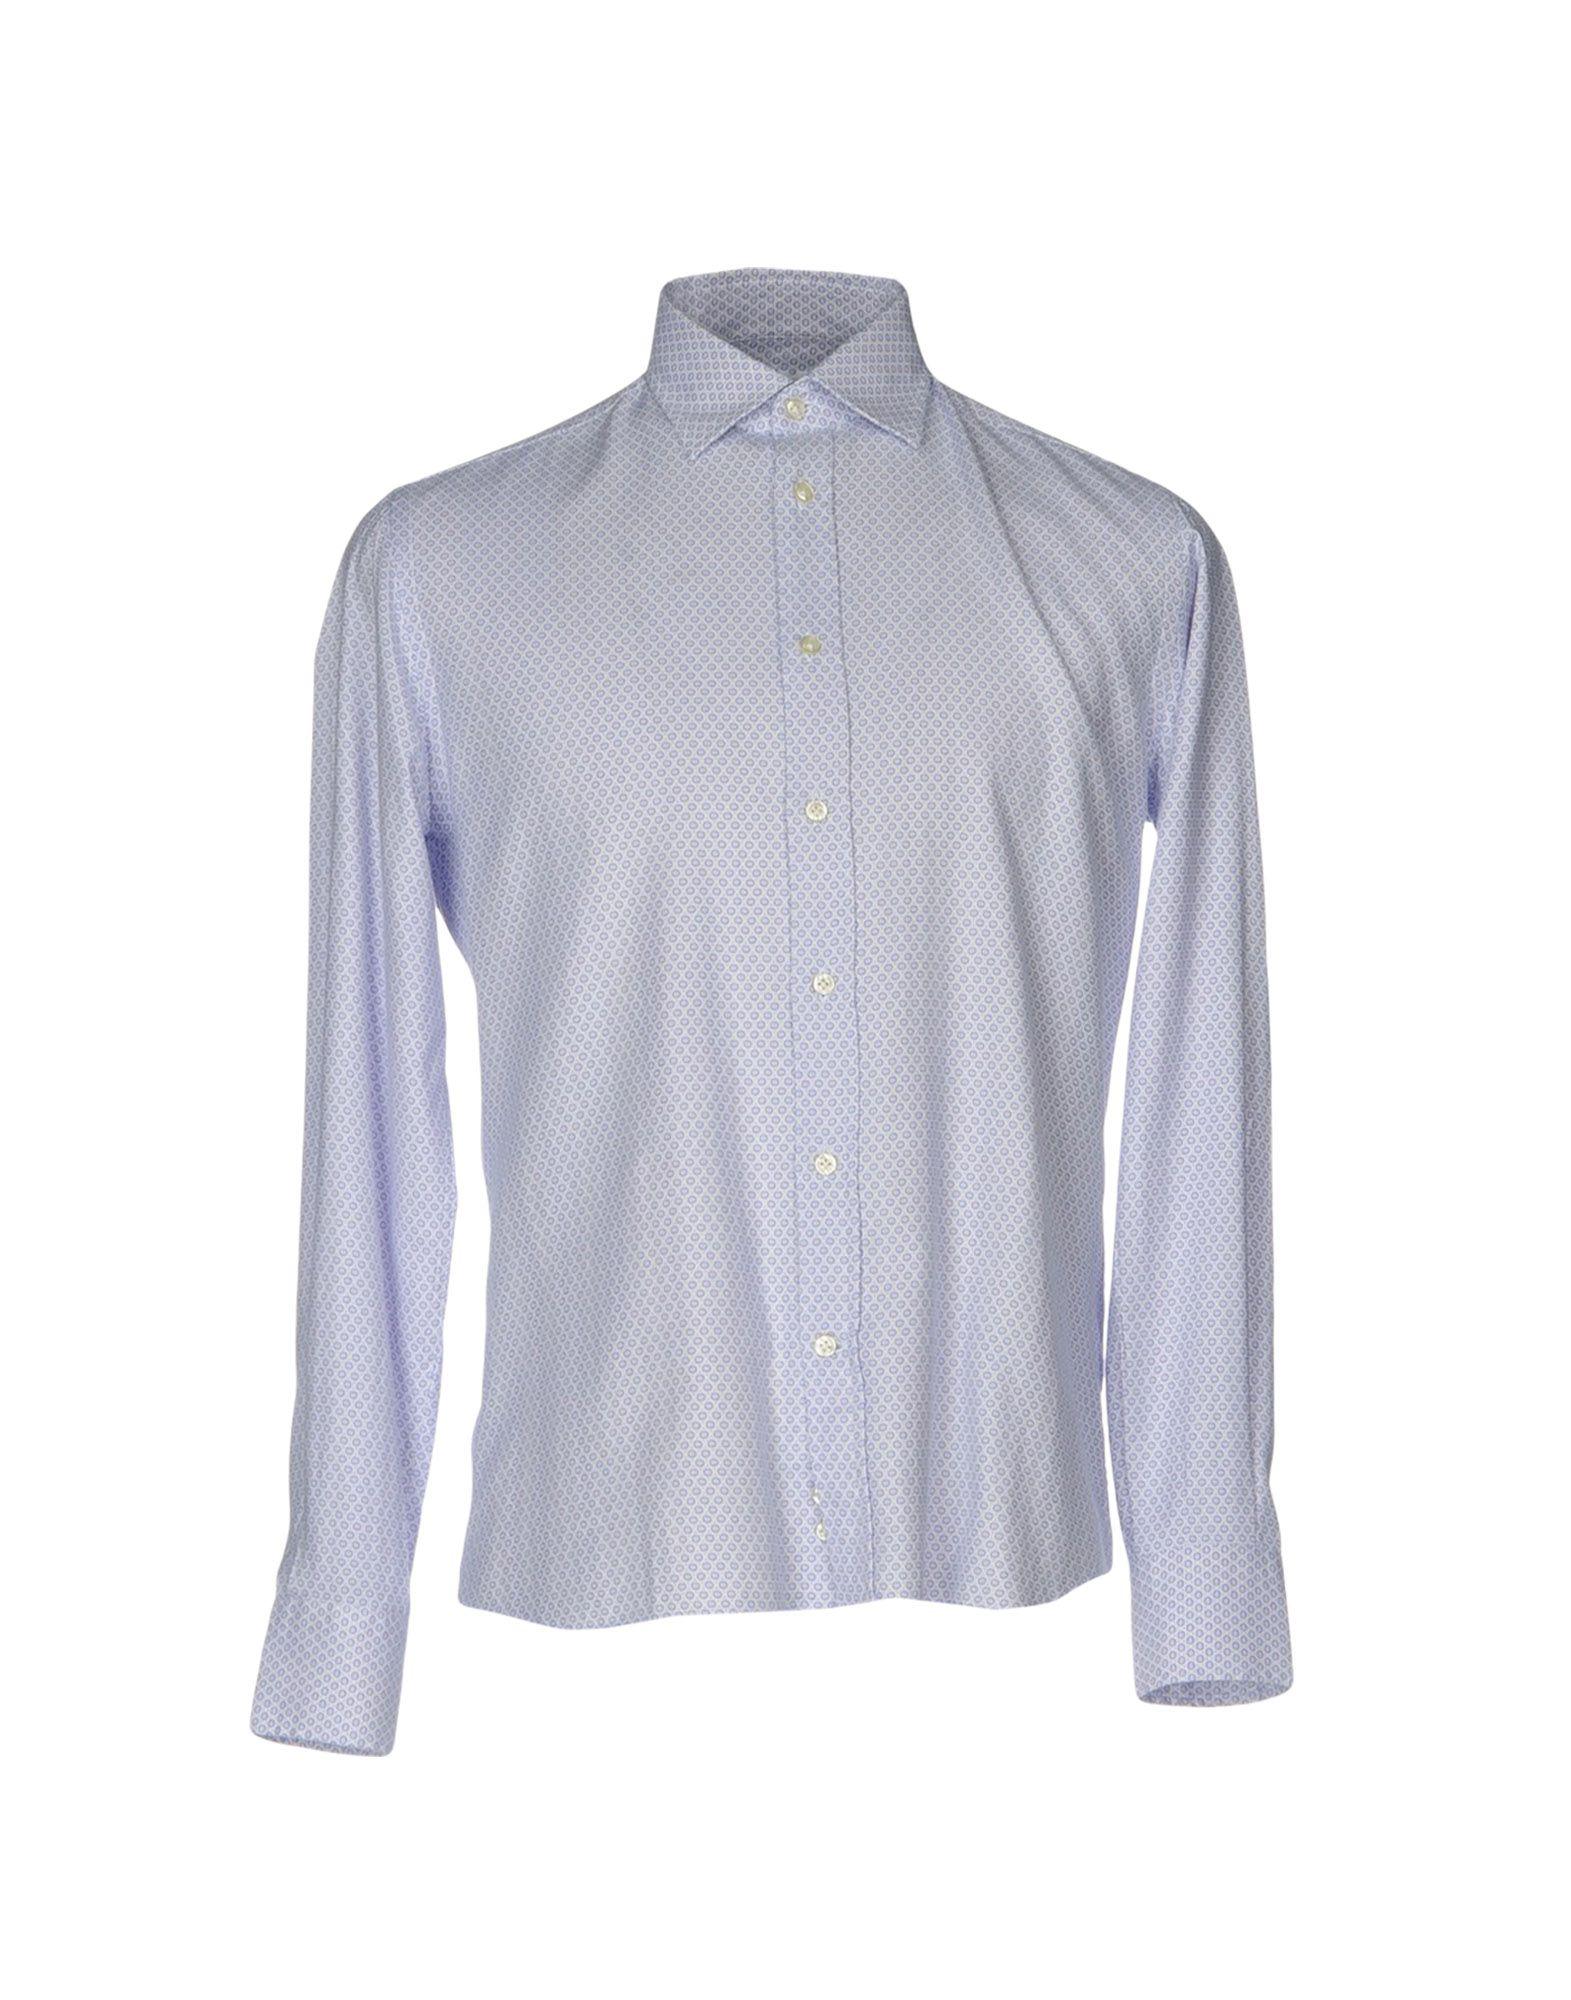 《送料無料》ROMEO BUCCI メンズ シャツ ブルー 38 コットン 100%